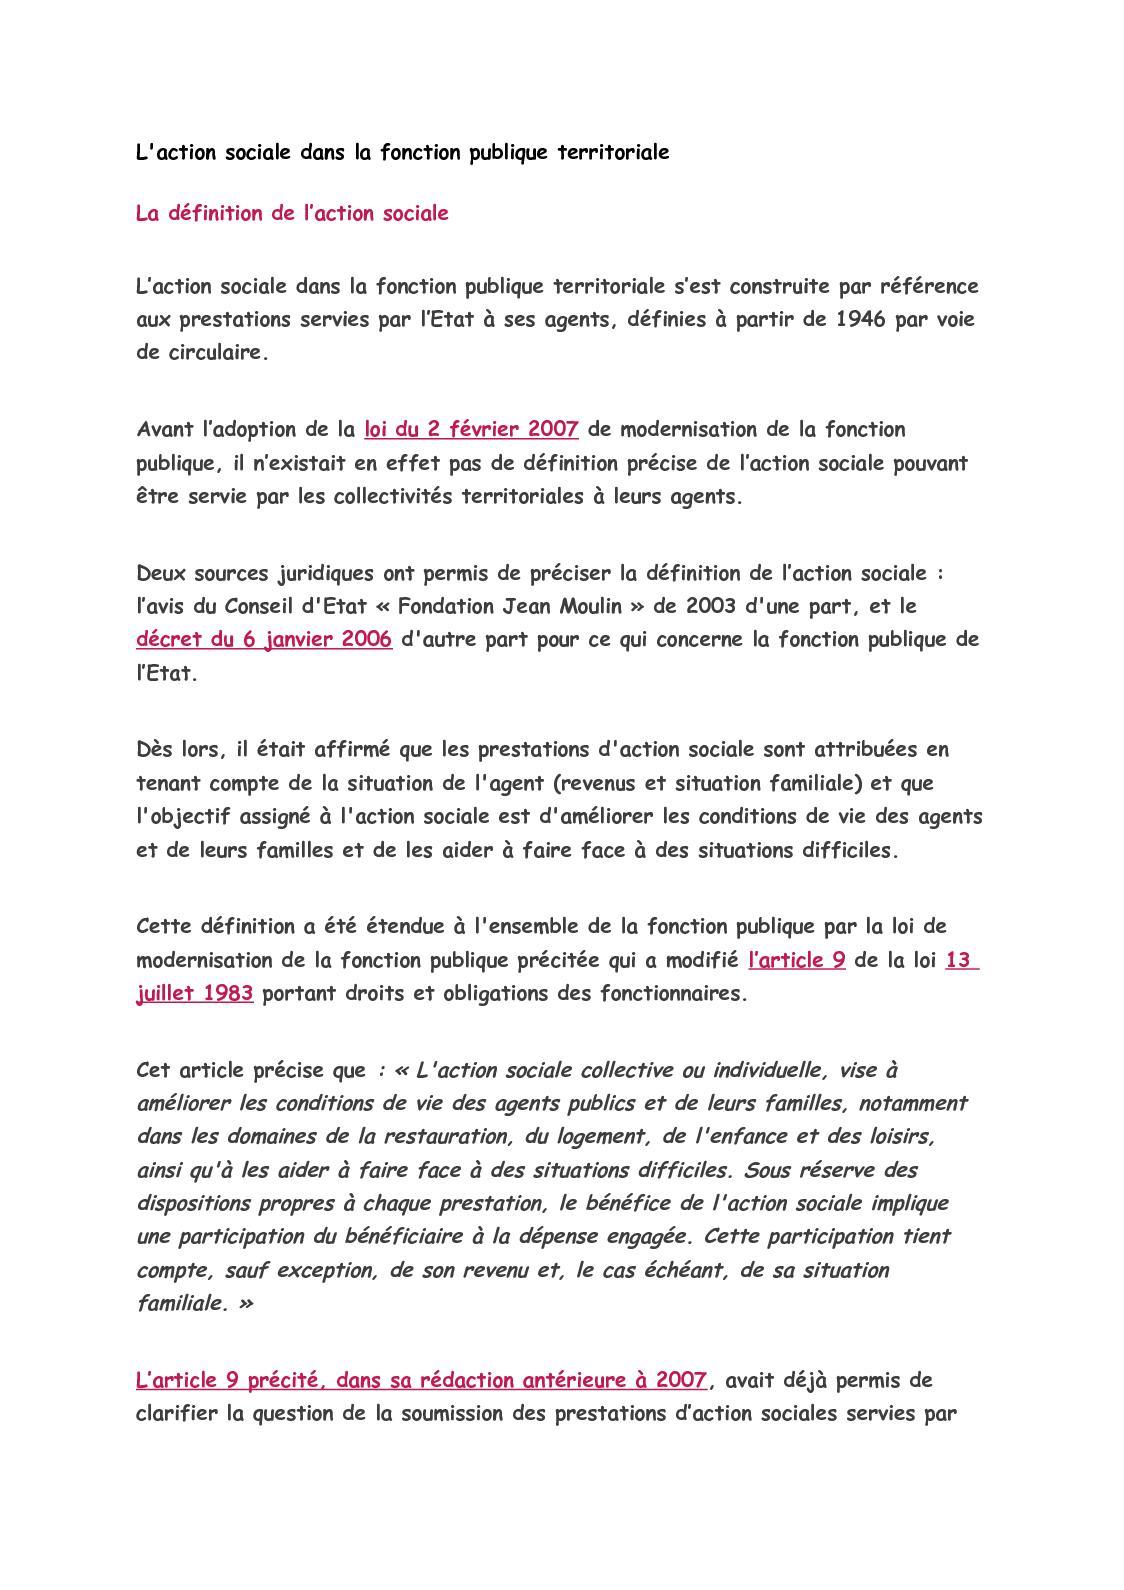 6f06bbc78cc Calaméo - L action Sociale Dans La Fonction Publique Territoriale Comix Docx